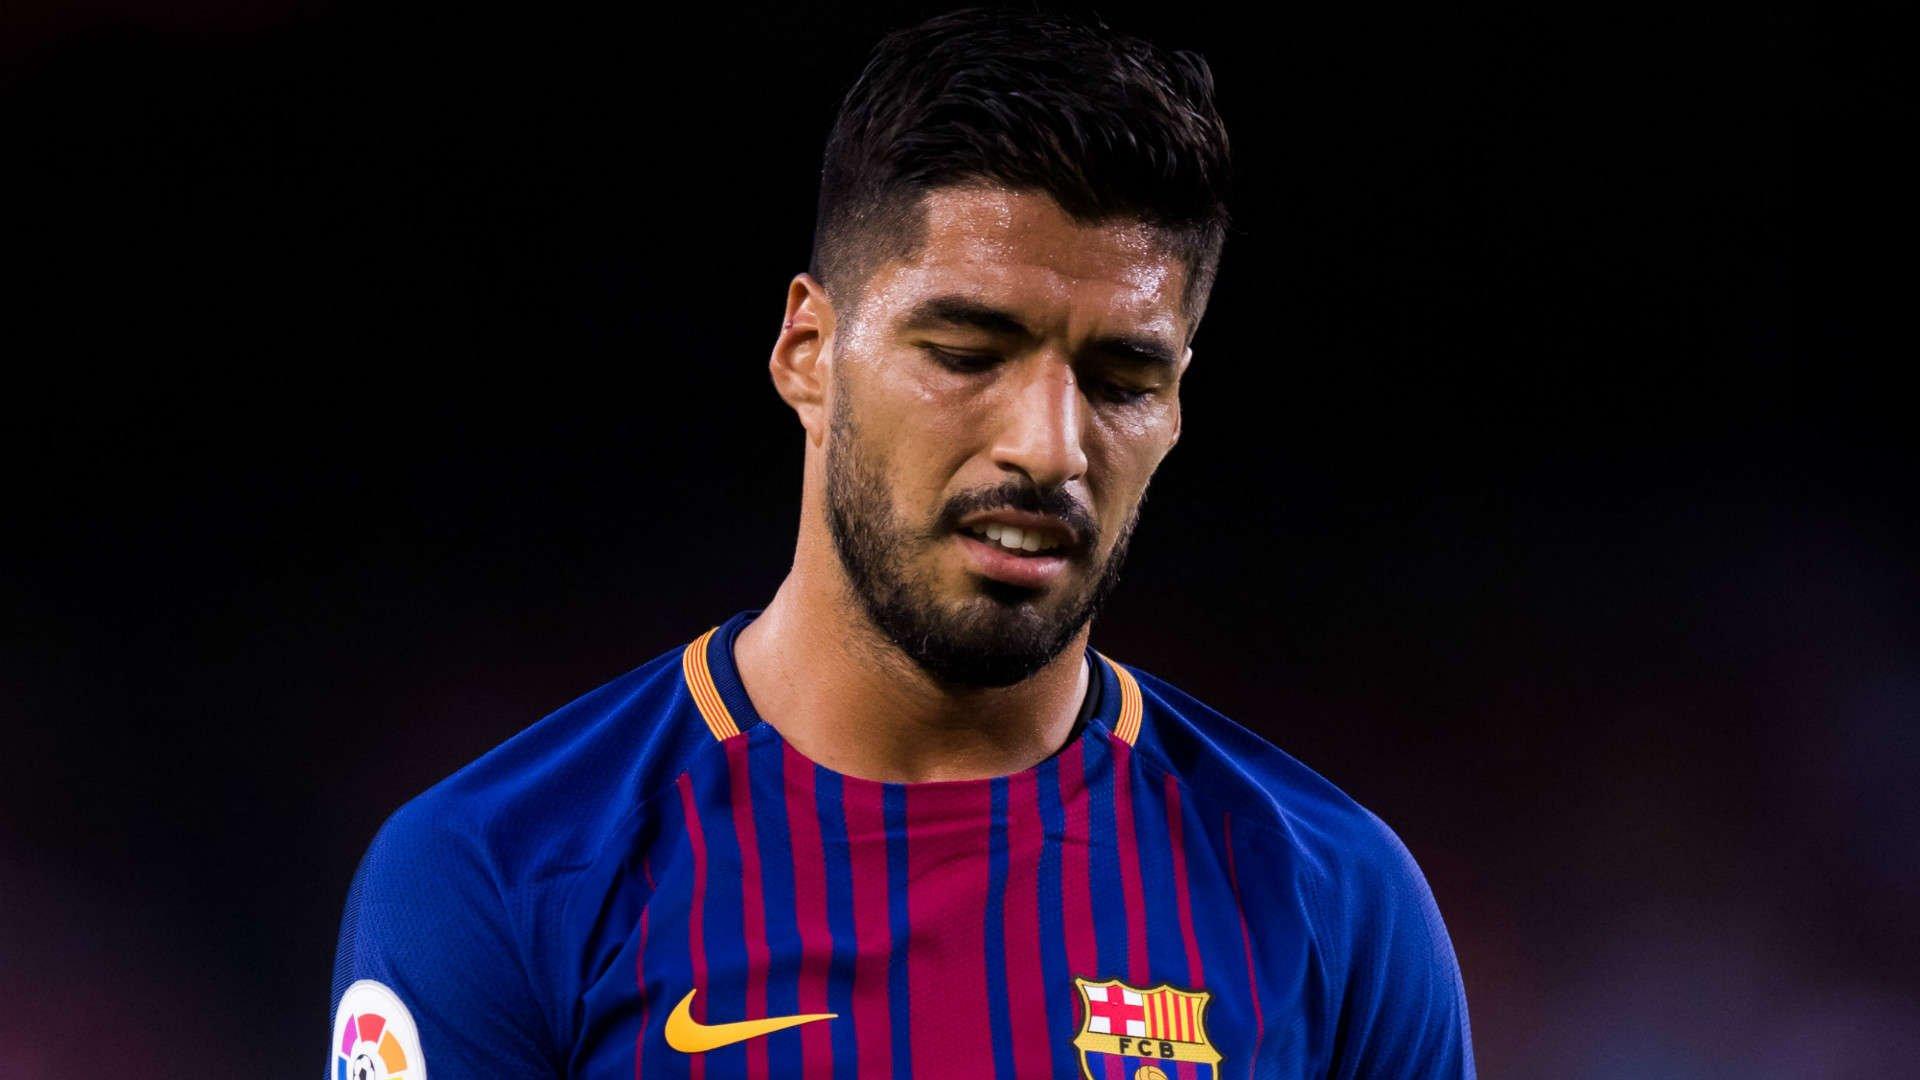 Luis Suarez sa sút một cách khó hiểu